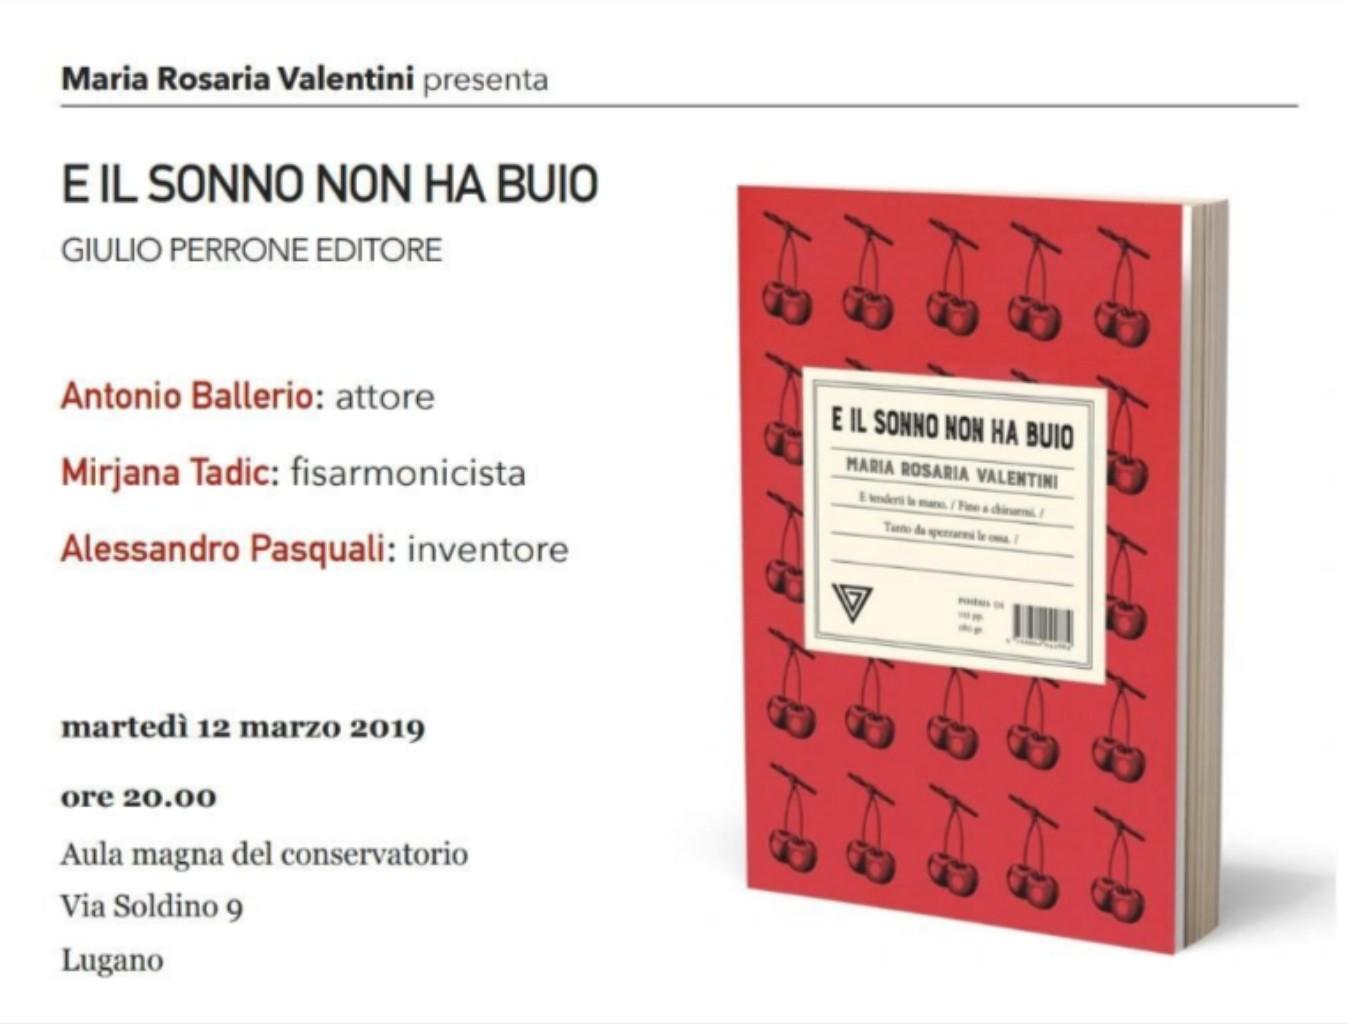 Appuntamento con la scrittrice Maria Rosaria Valentini a Lugano il 12 Marzo 2019